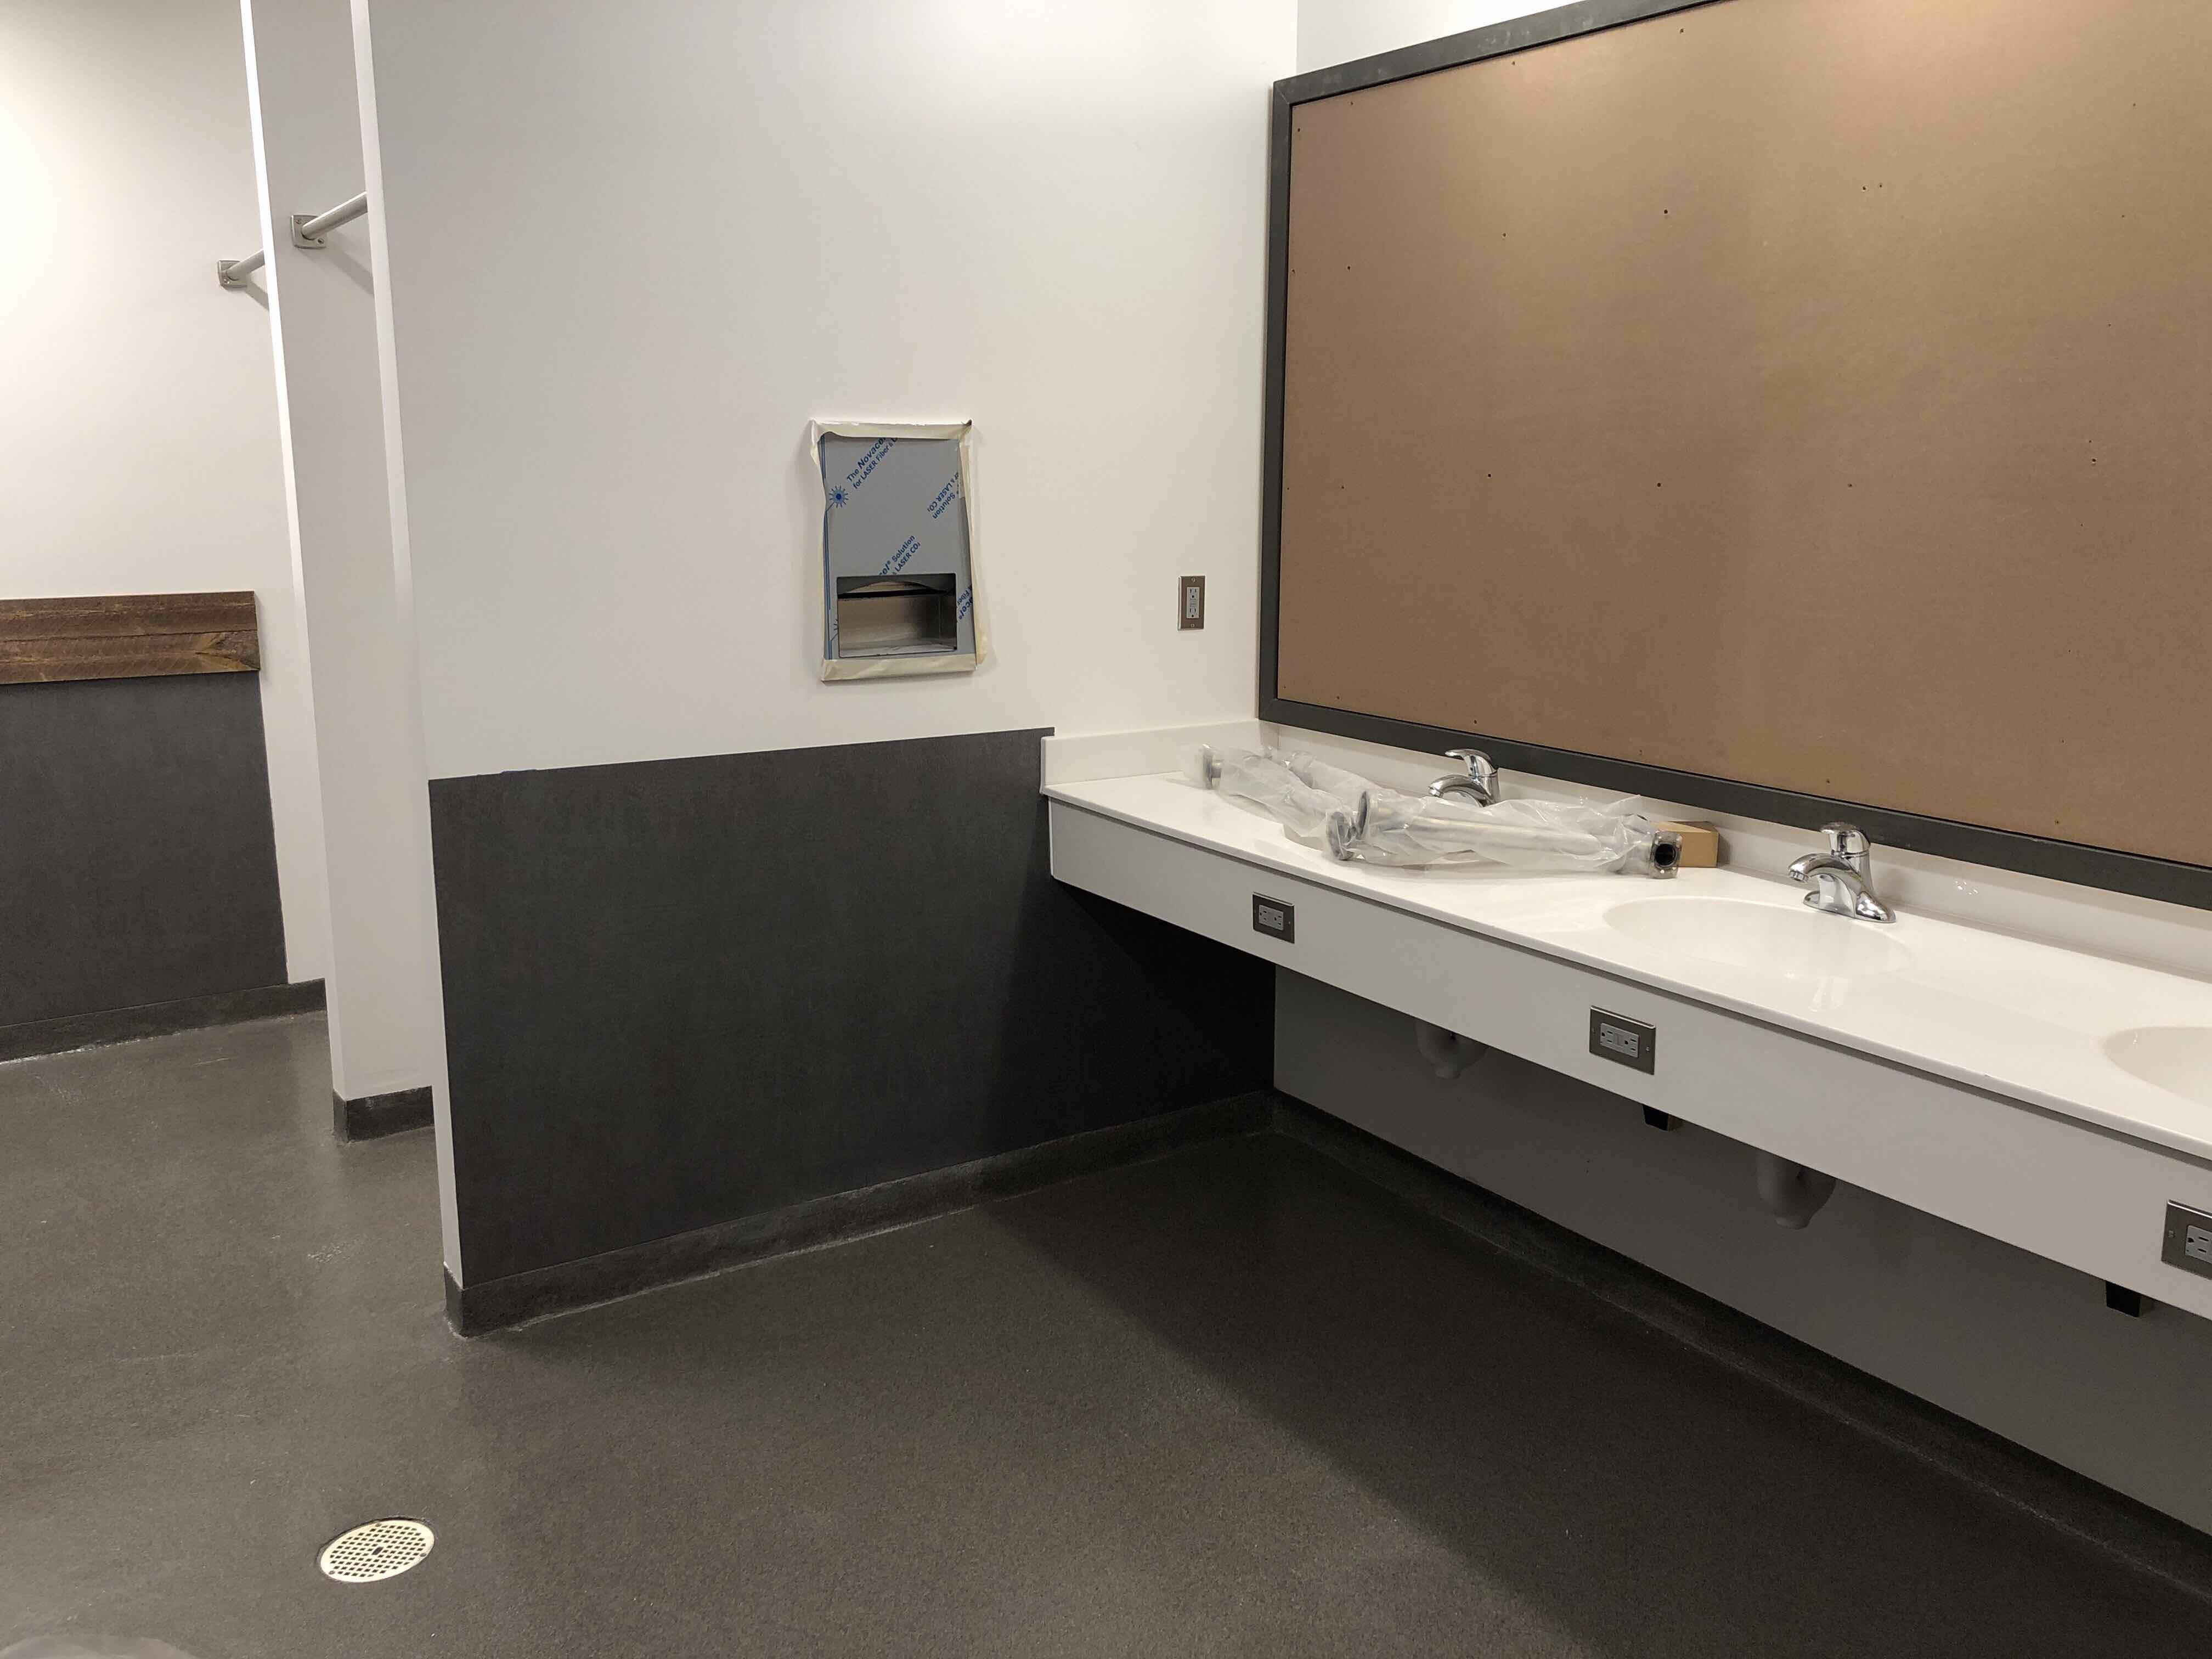 Restroom & Countertops